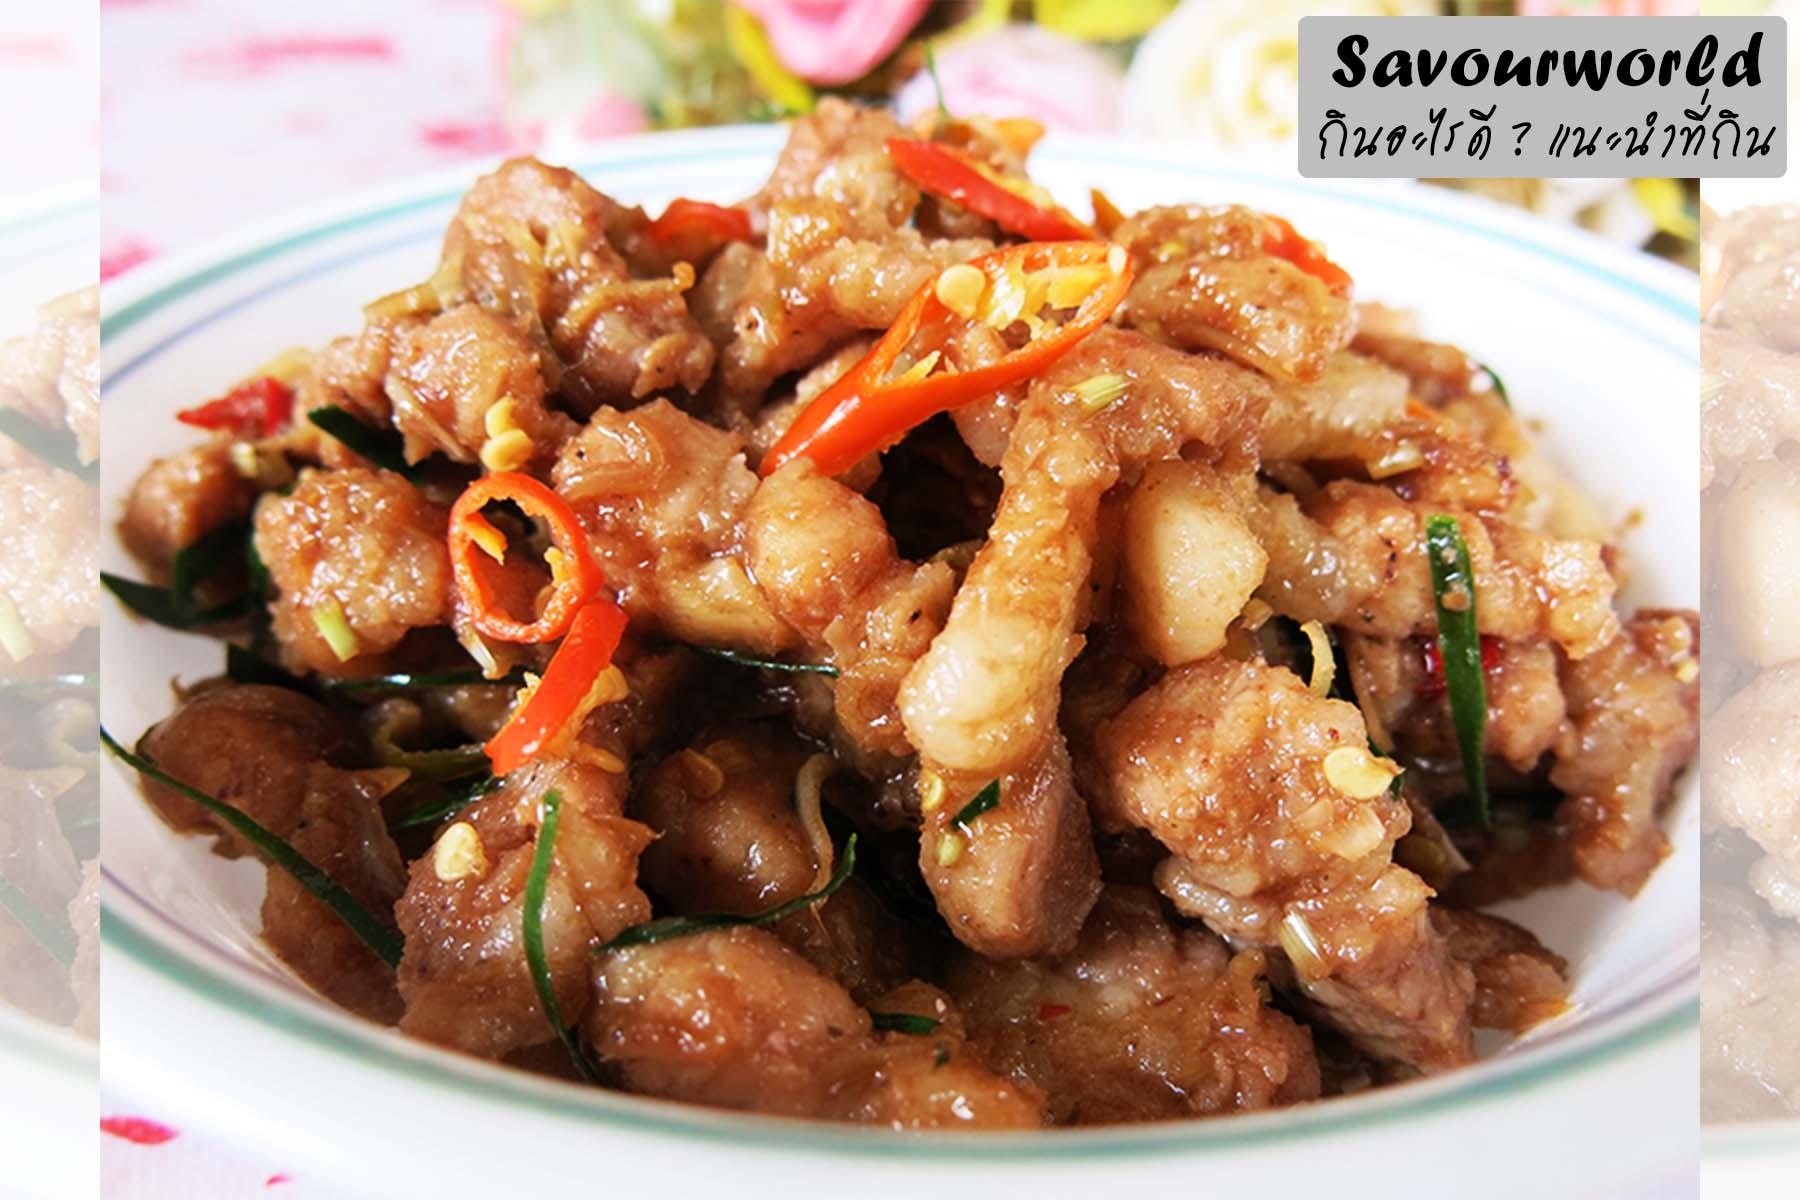 เมนูหมูสามชั้นผัดกะปิ อร่อยแบบอาหารใต้บ้านเรา - savourworld.com